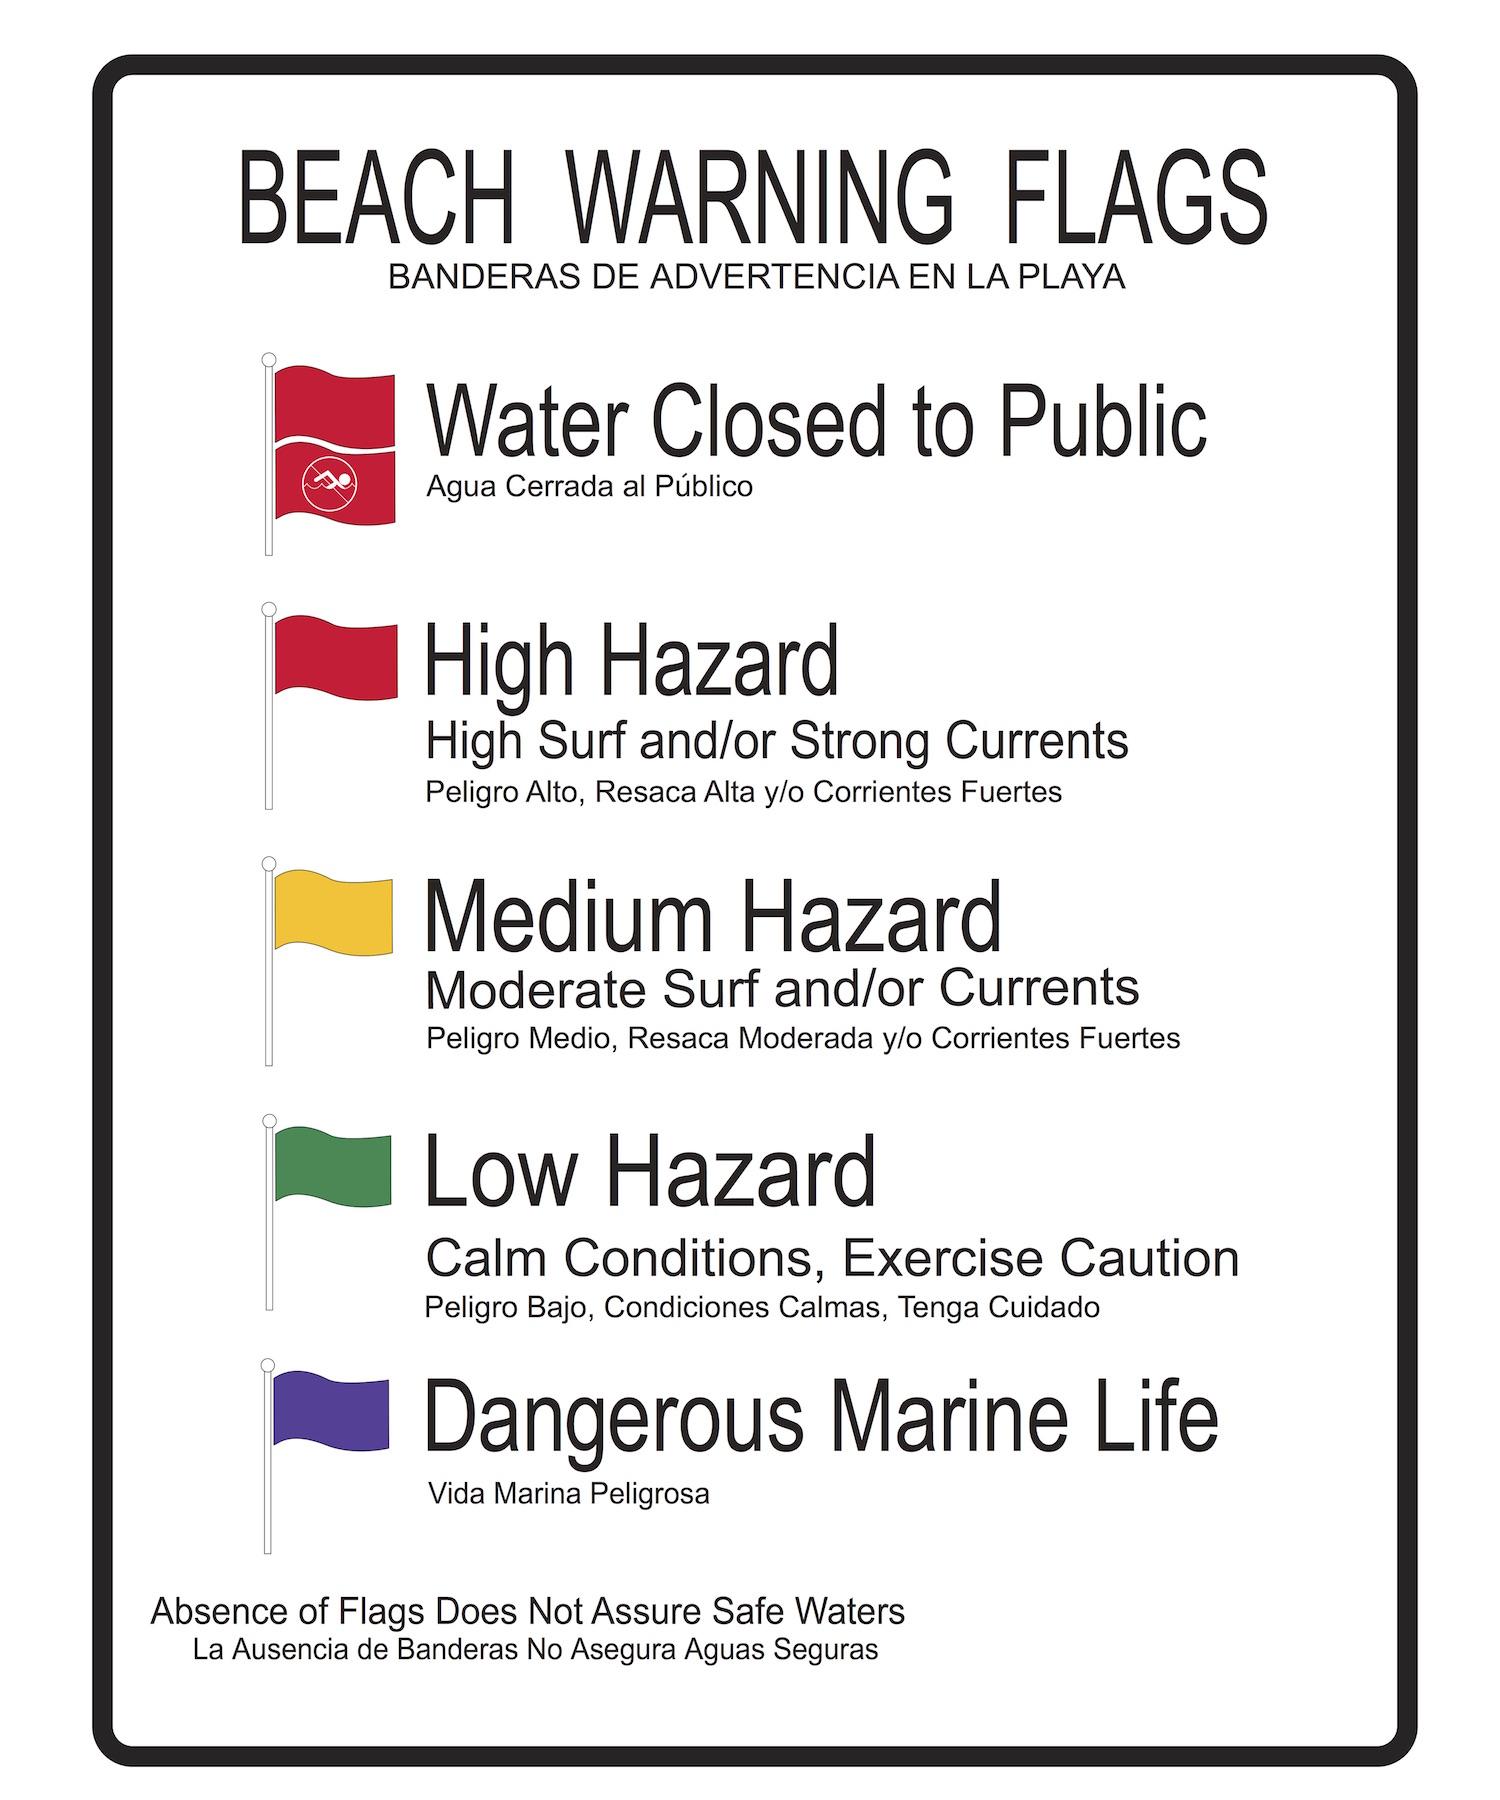 Флаги на пляже: зачем нужны и что означают Флаги на пляже: зачем нужны и что означают beach warning flag 1